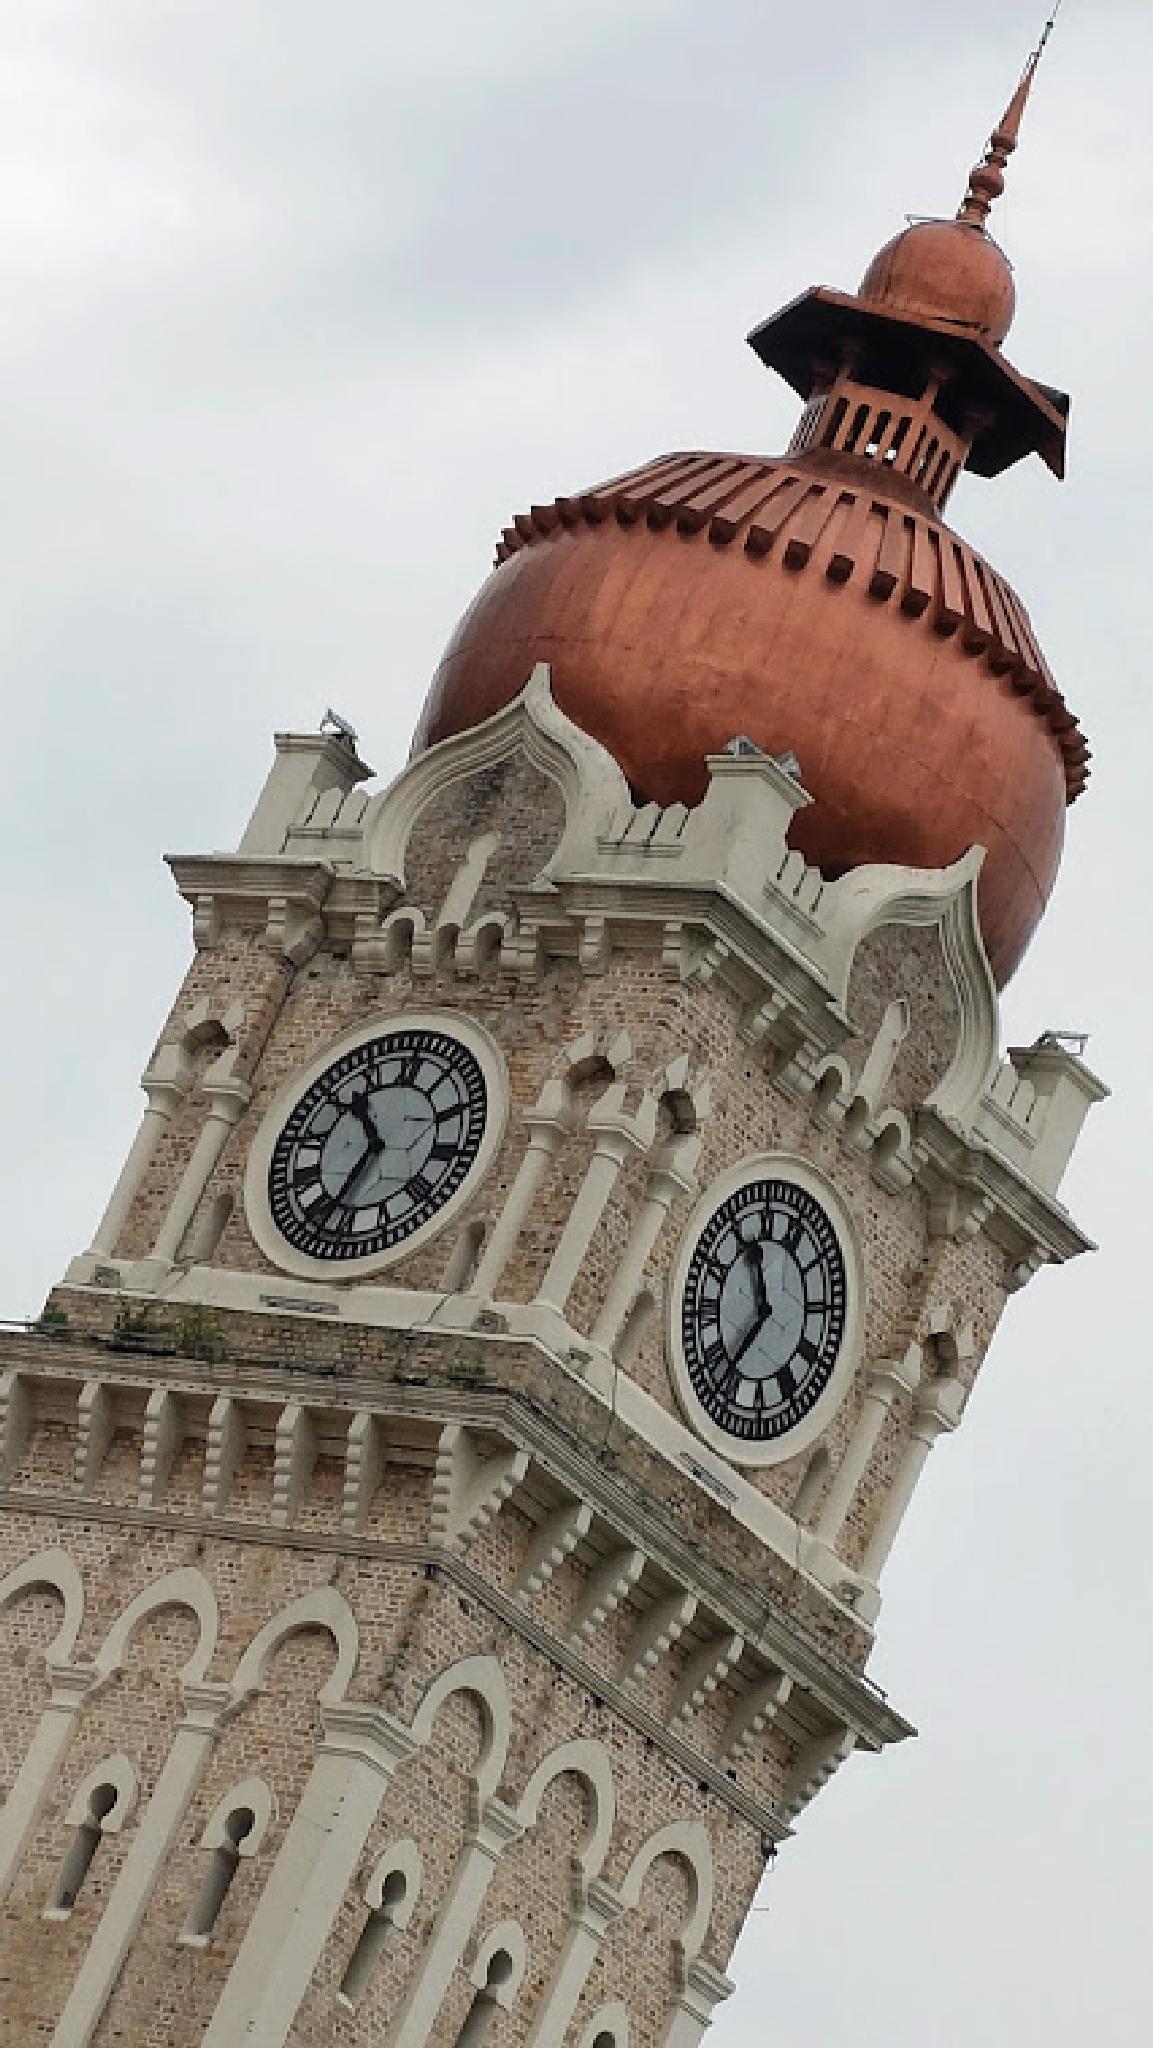 The wonderful clock by fragranceumlee